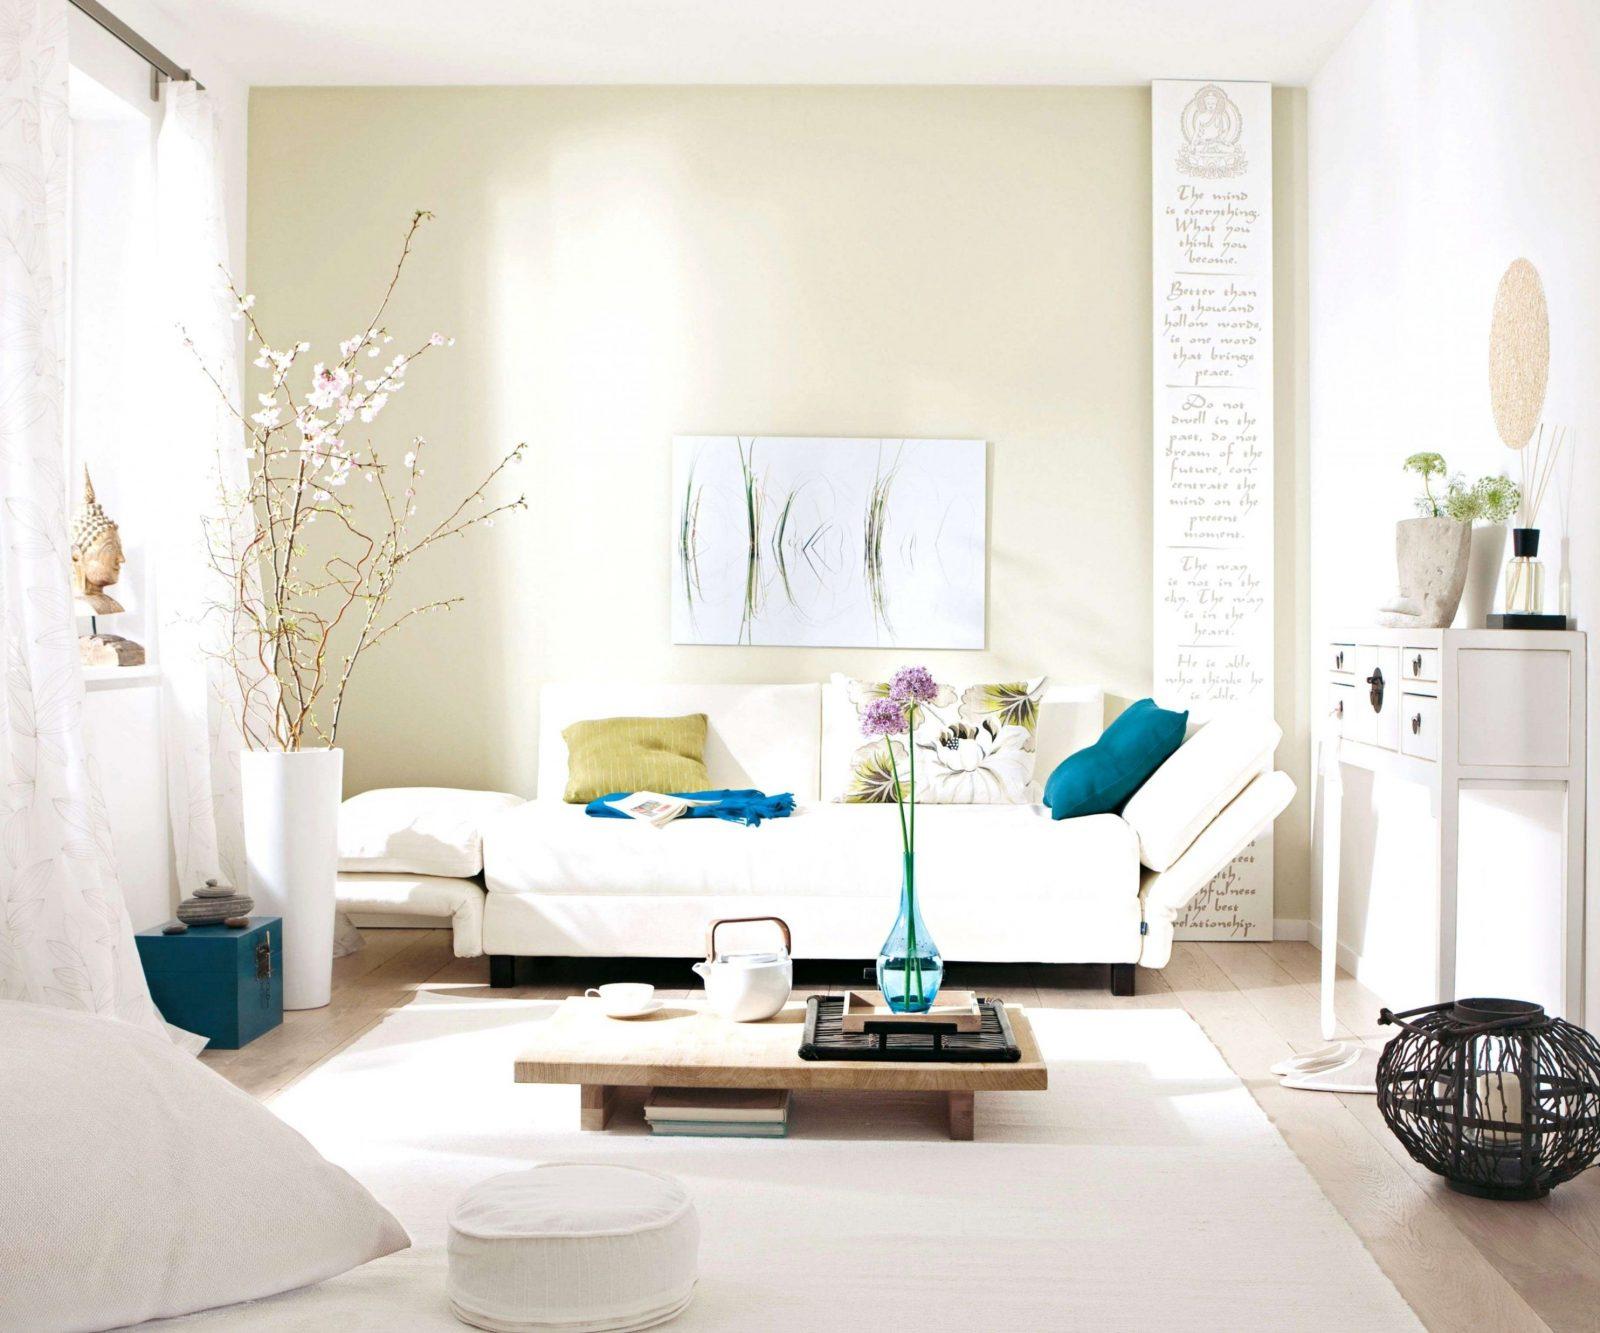 Wohnideen Wohnzimmer 20 Qm 12 Qm Zimmer Einrichten Schön Modernes